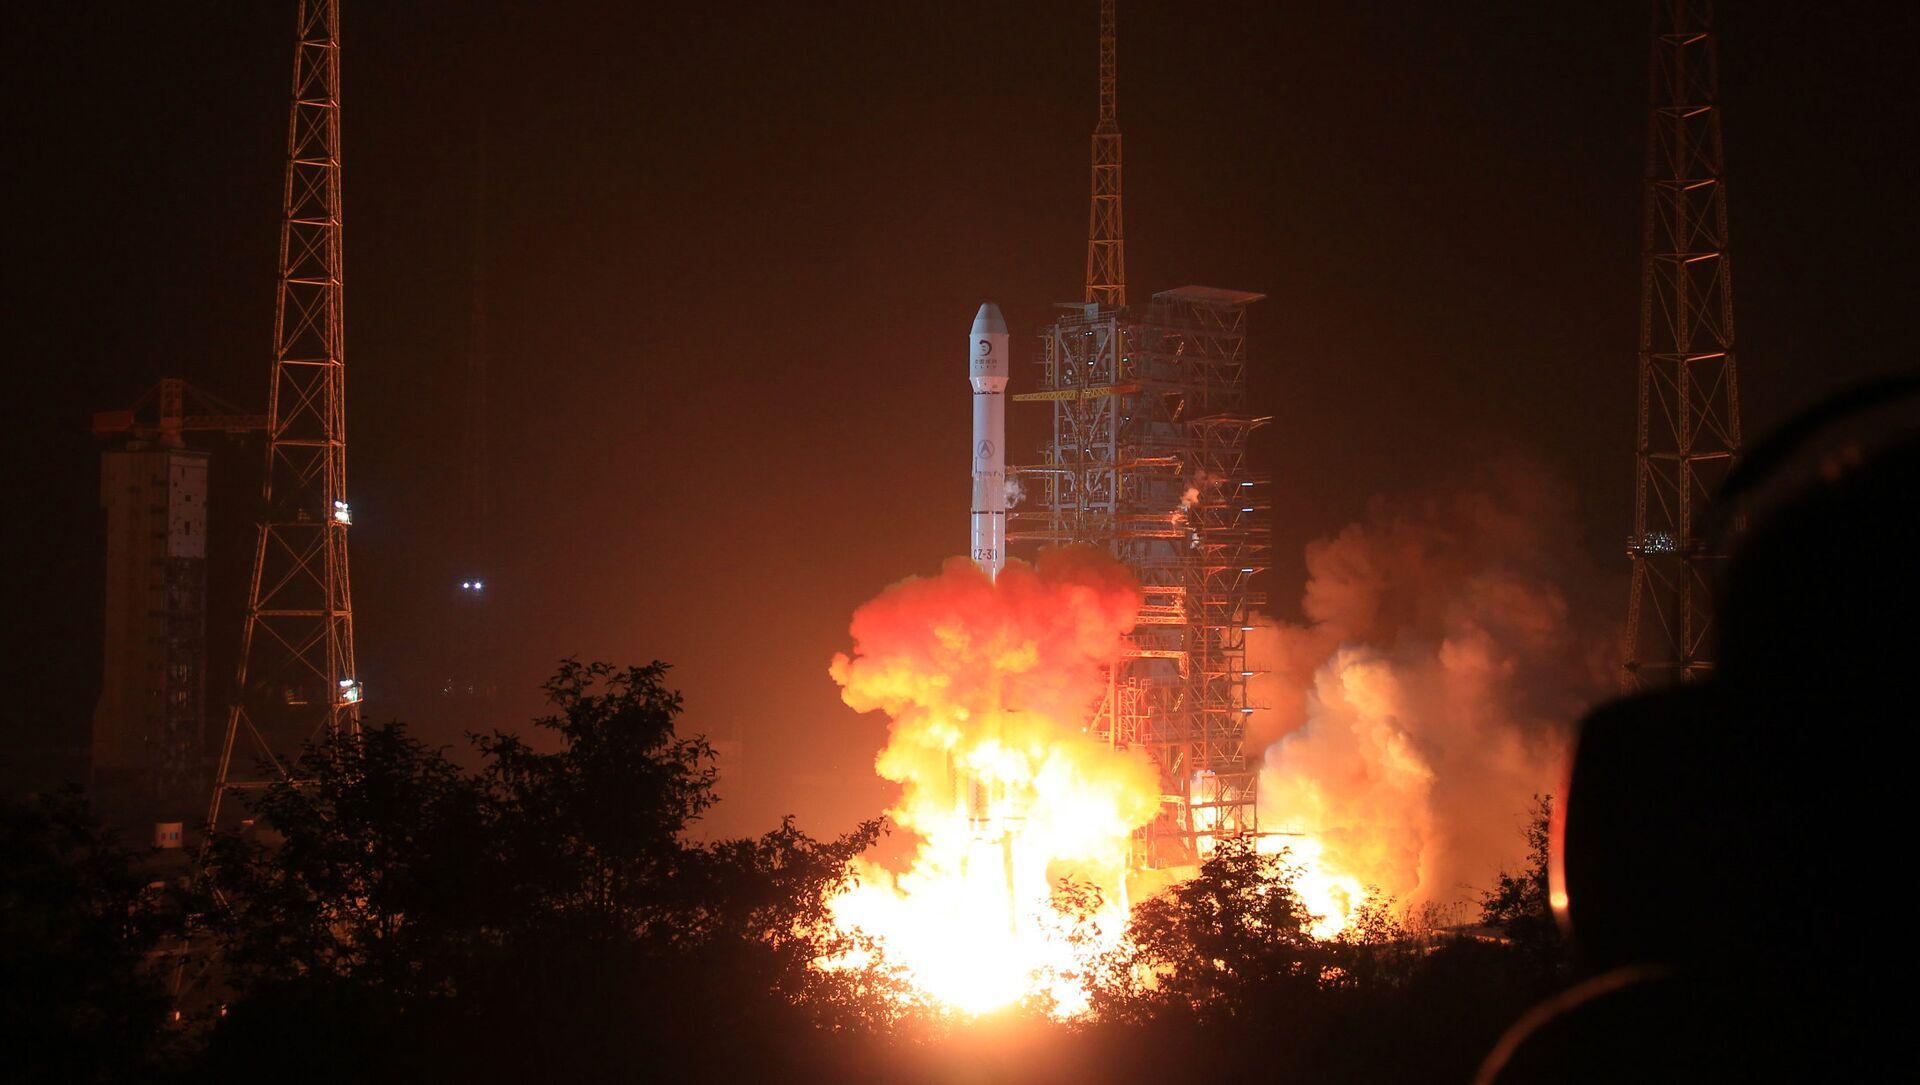 La Chine lance son premier satellite pour fournir Internet à haut débit - Sputnik France, 1920, 24.08.2021